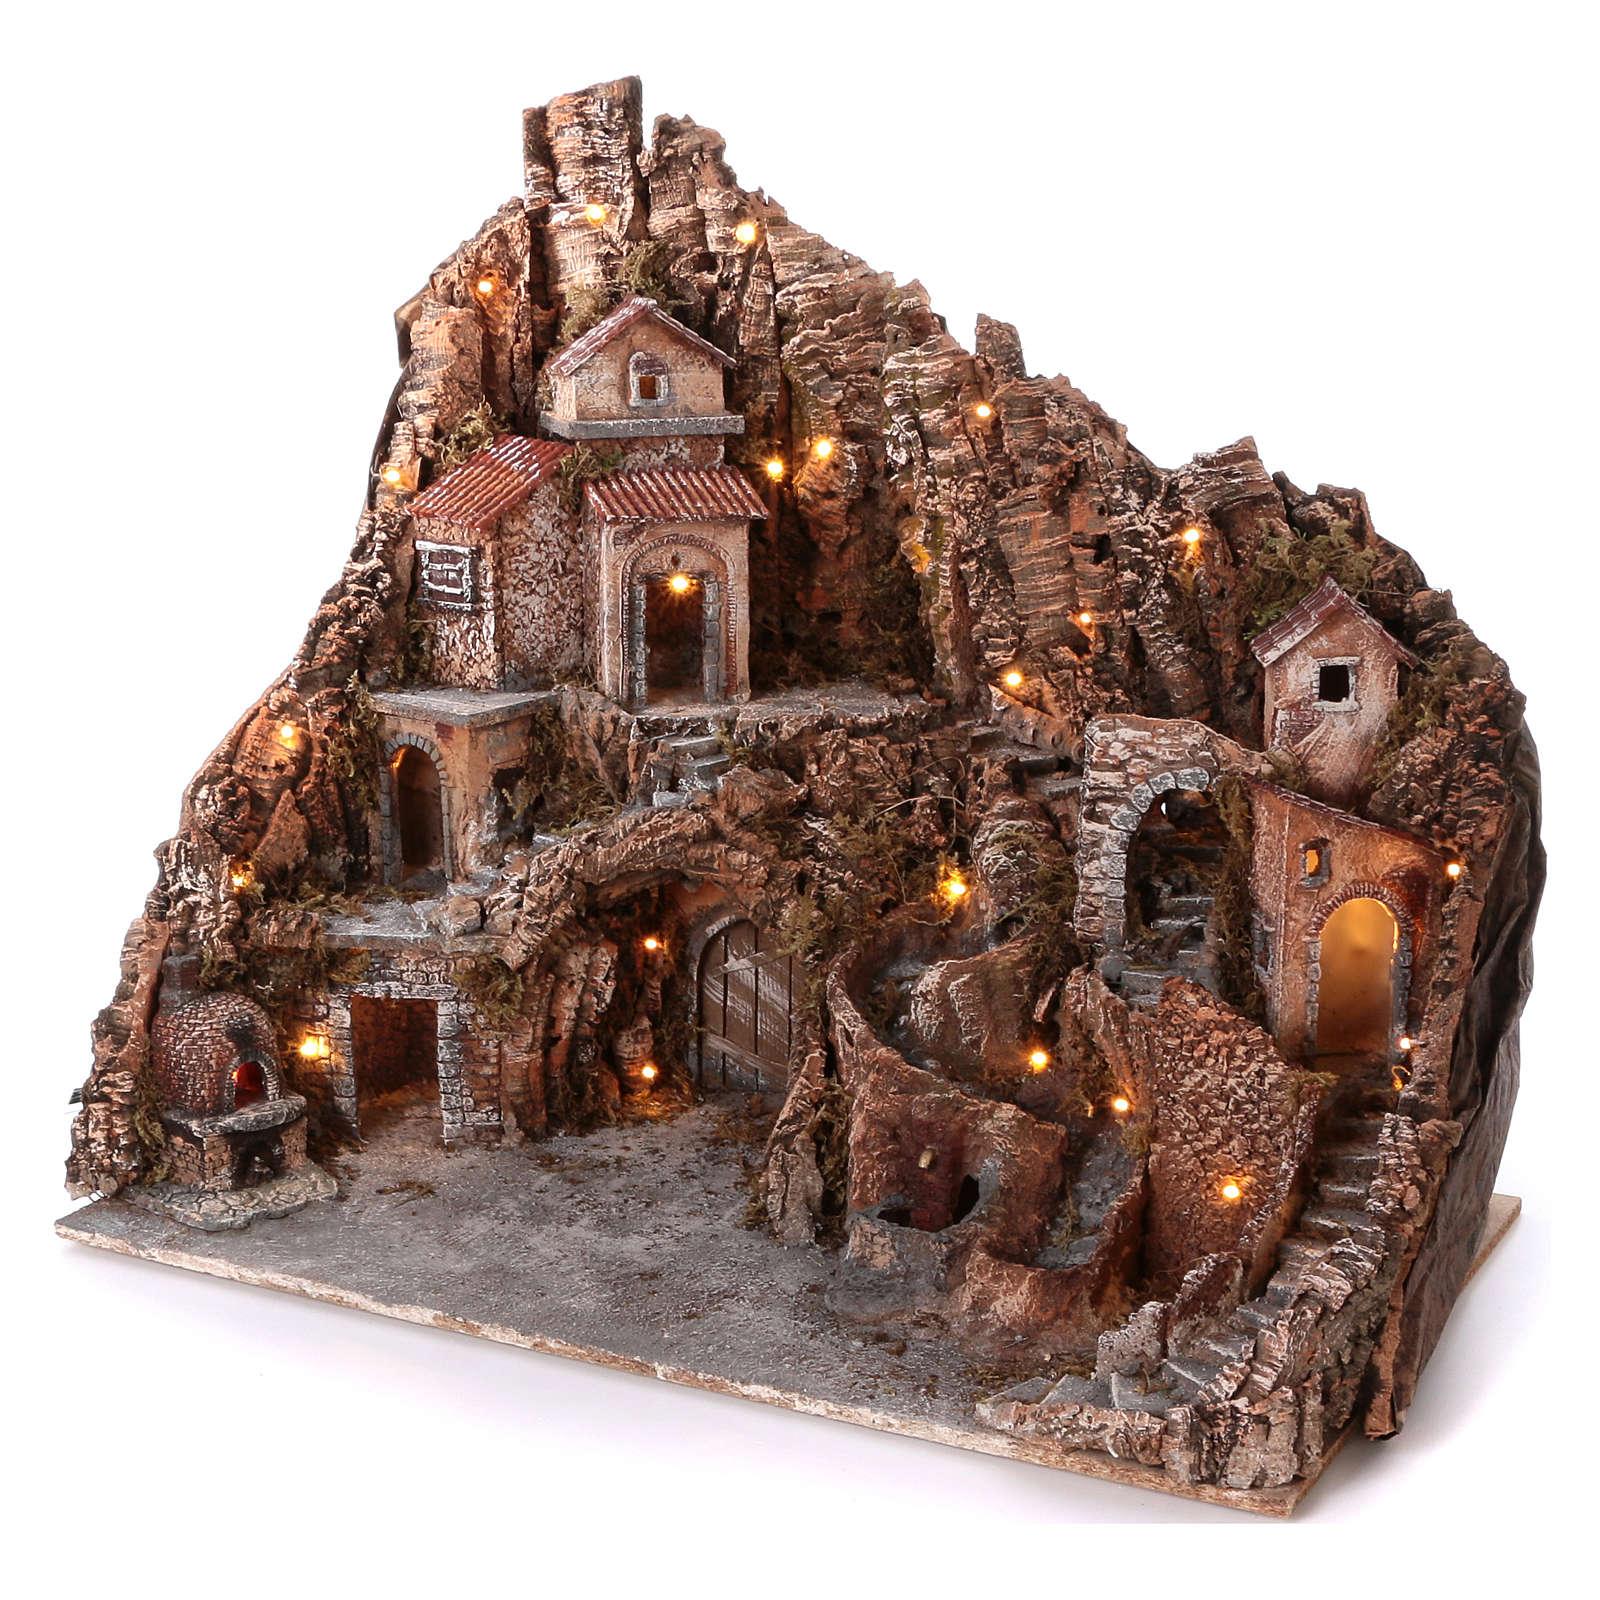 Borgo con fontana forno e ruscello 60x80x50 cm illuminato presepe Napoli 10-12 cm 4